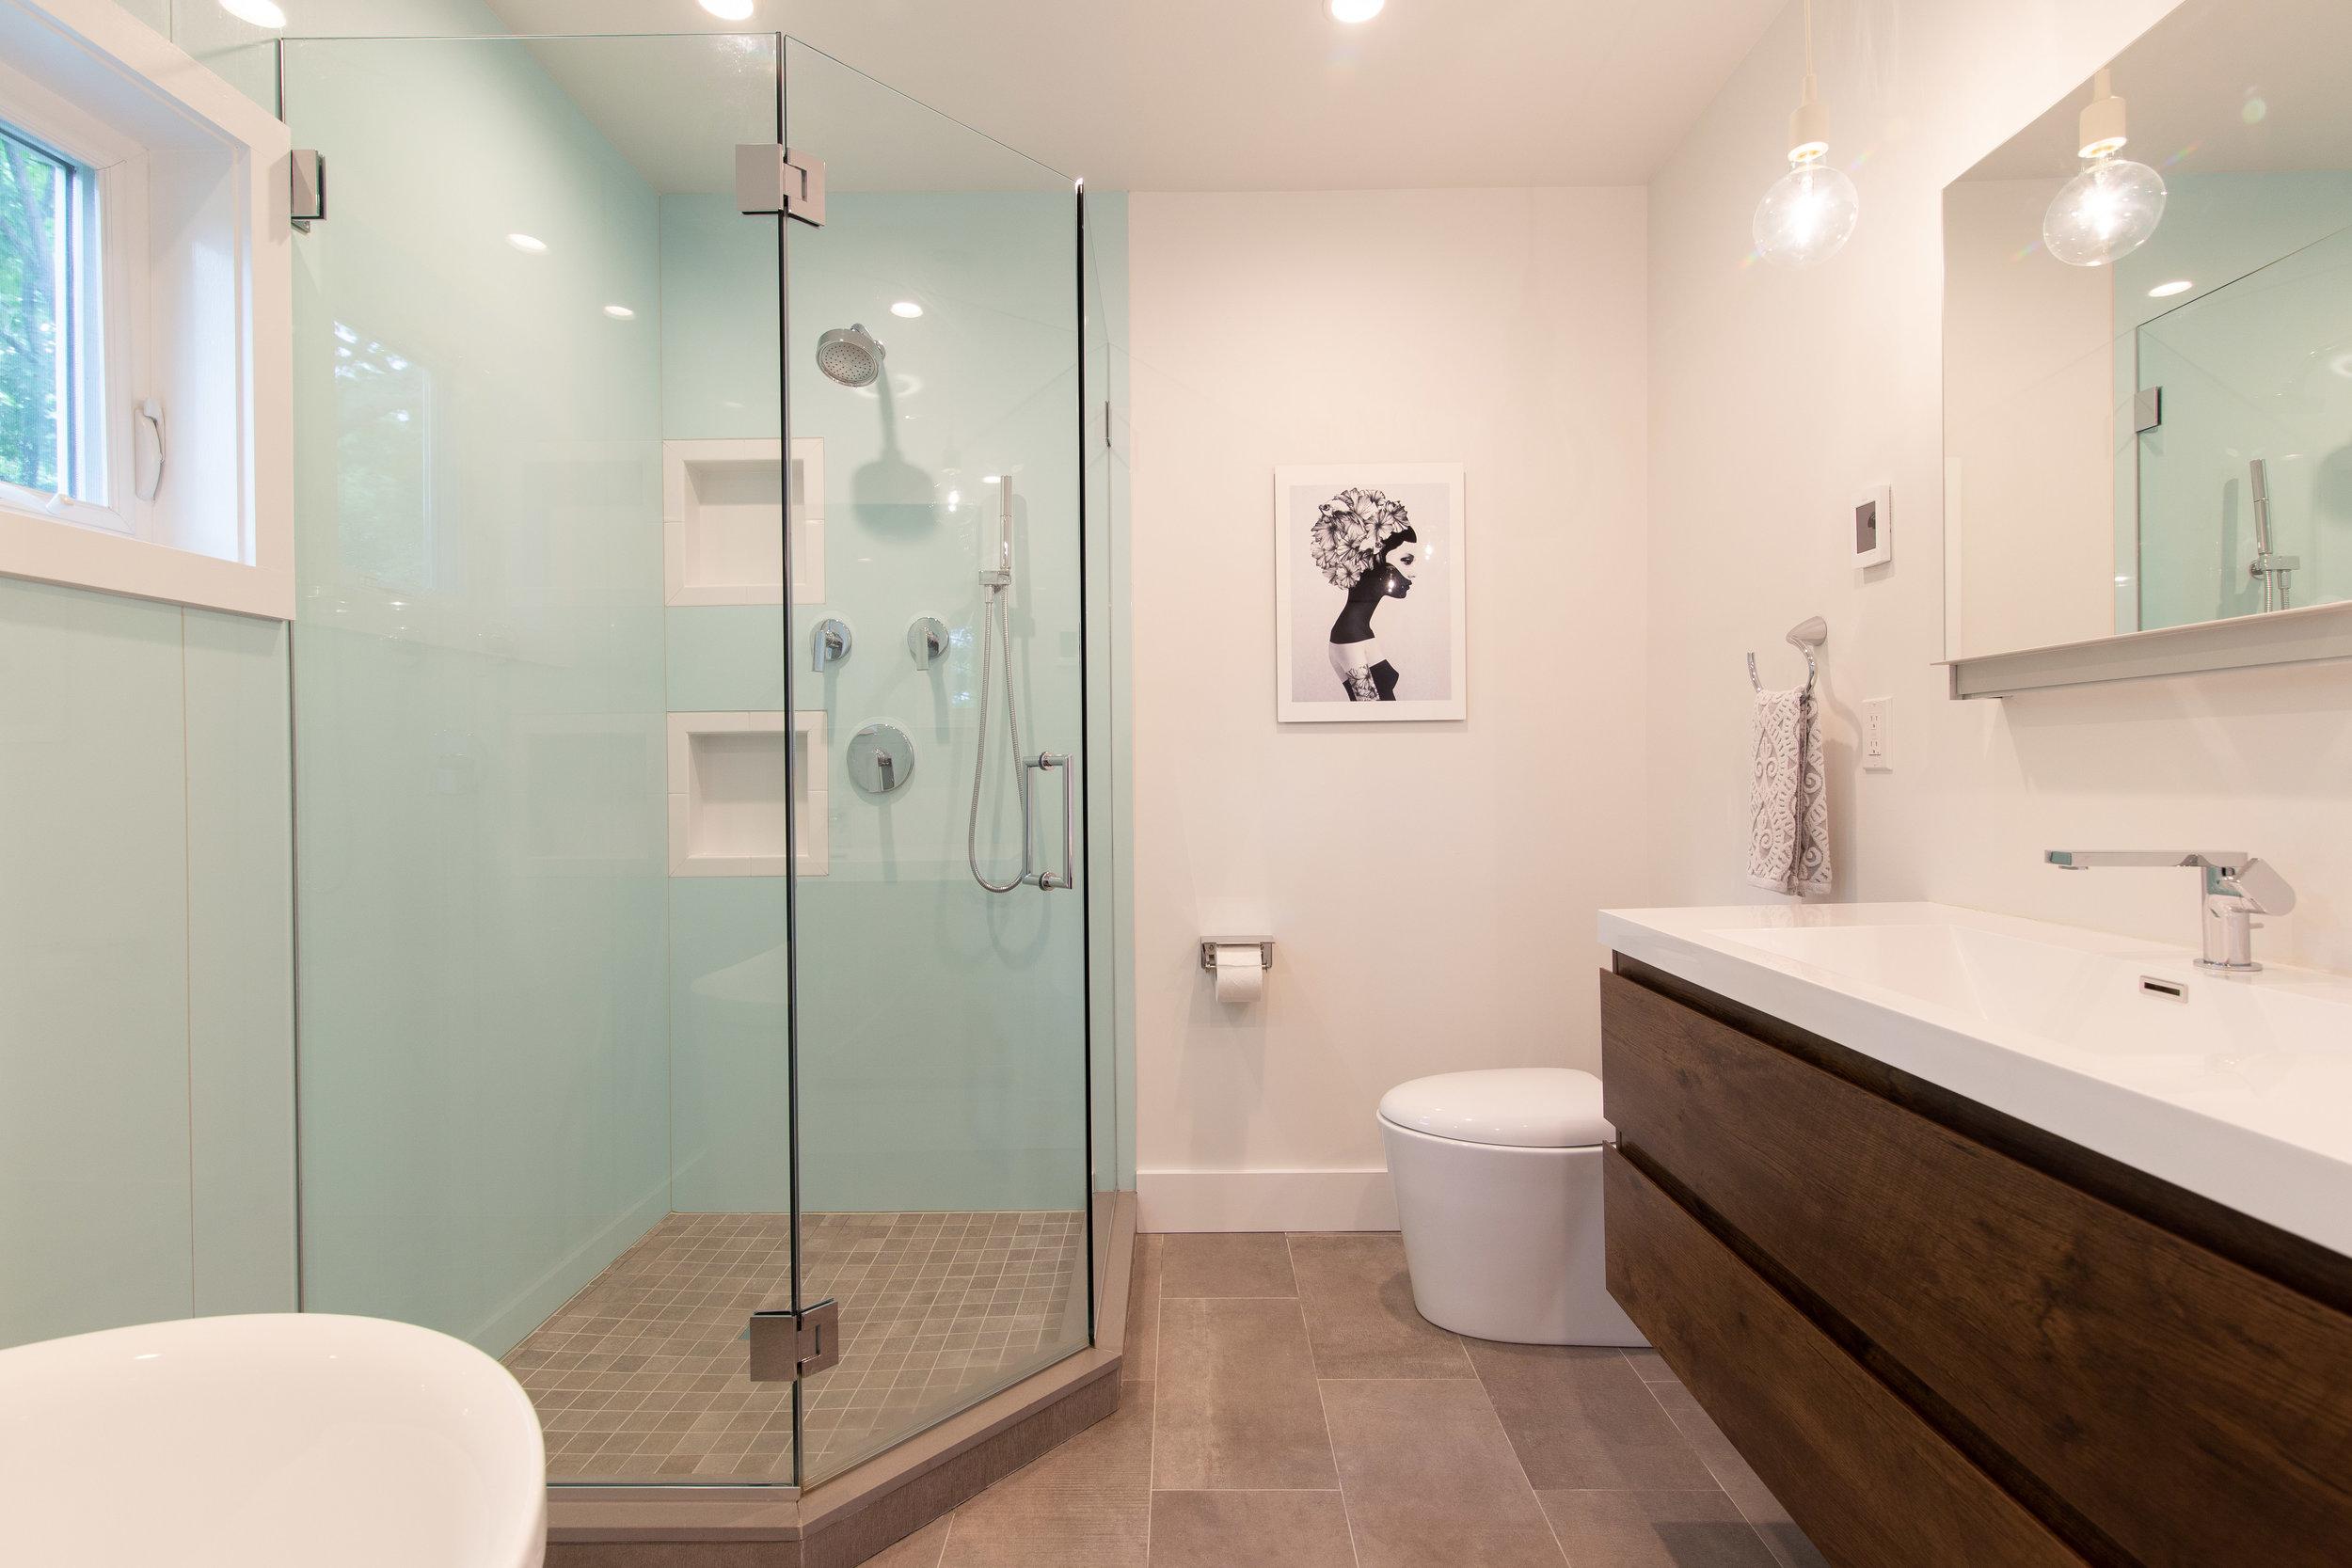 Ivy_Master Bath 02.jpg